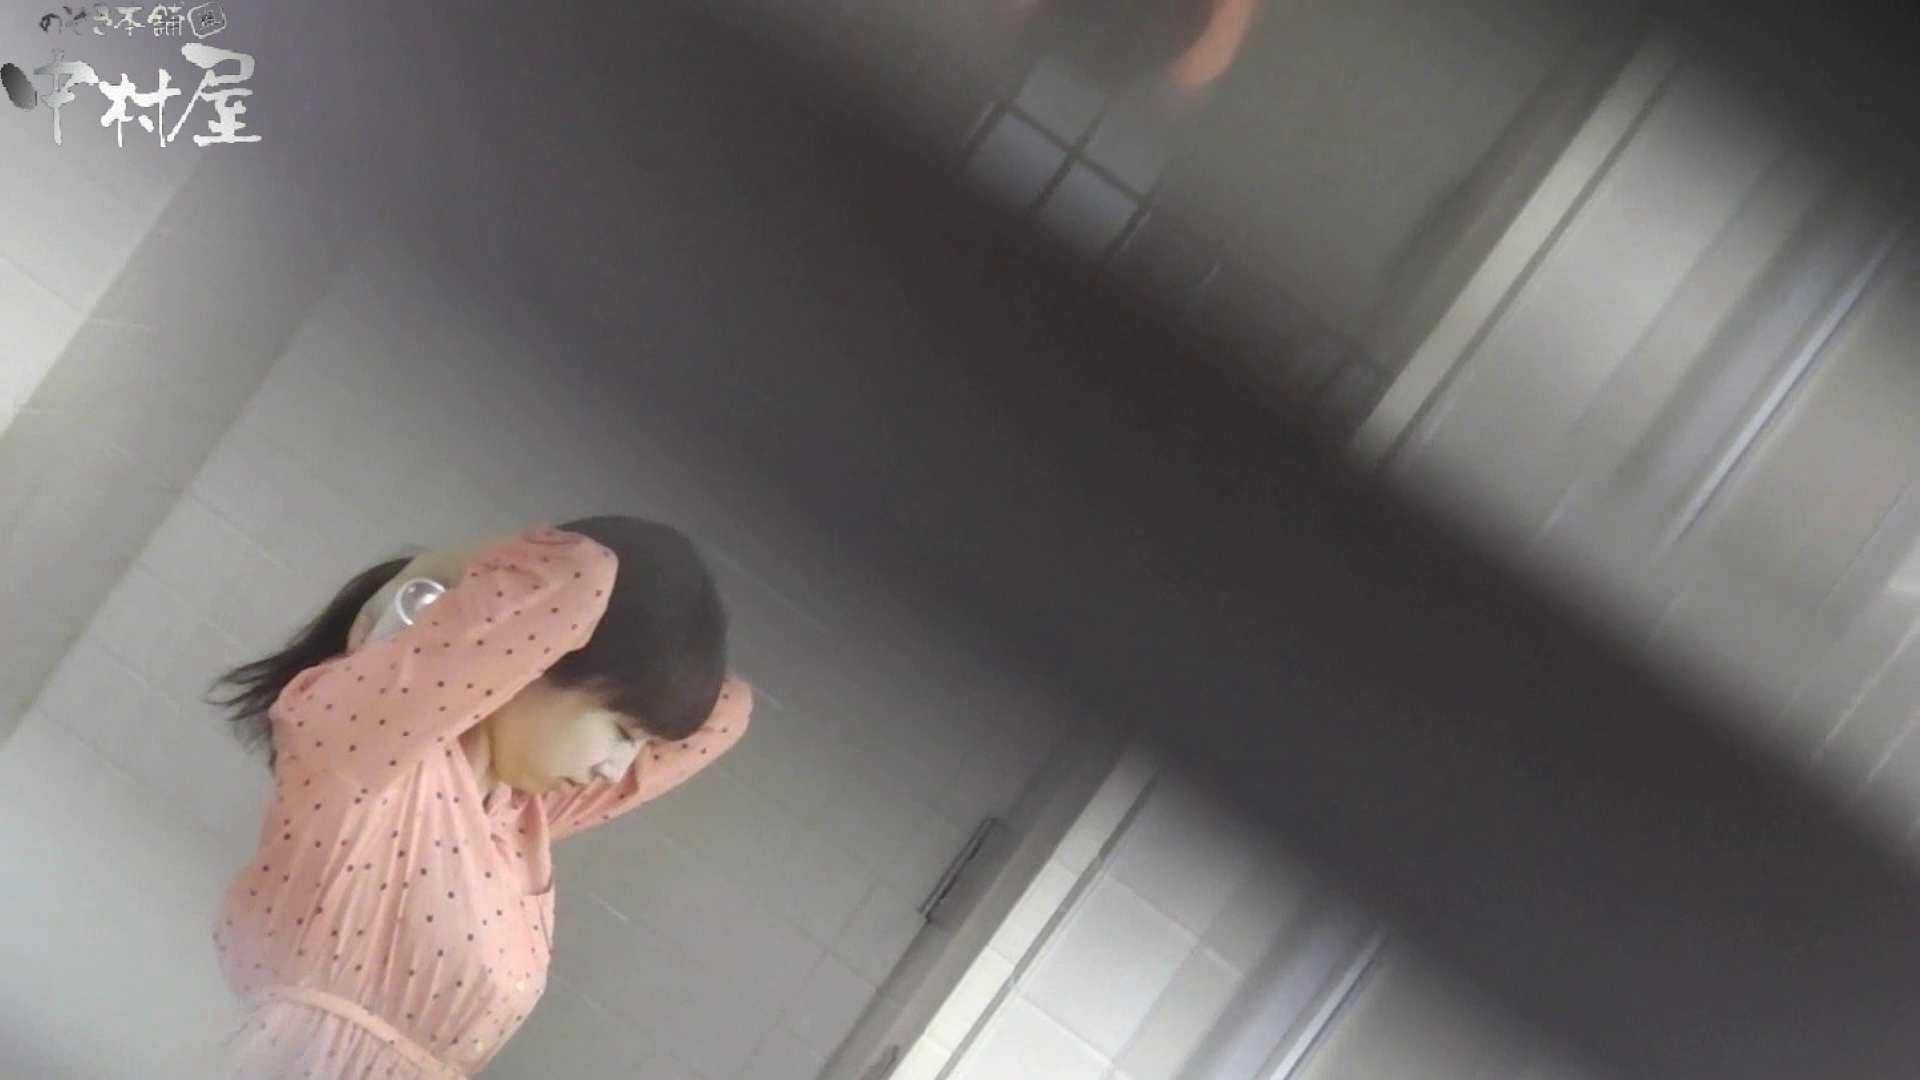 【お銀さんの「洗面所突入レポート!!」】お銀さんの「洗面所突入レポート!!」 vol.28小島陽菜似のピンクオシャレさん 洗面所   OLすけべ画像  98連発 19